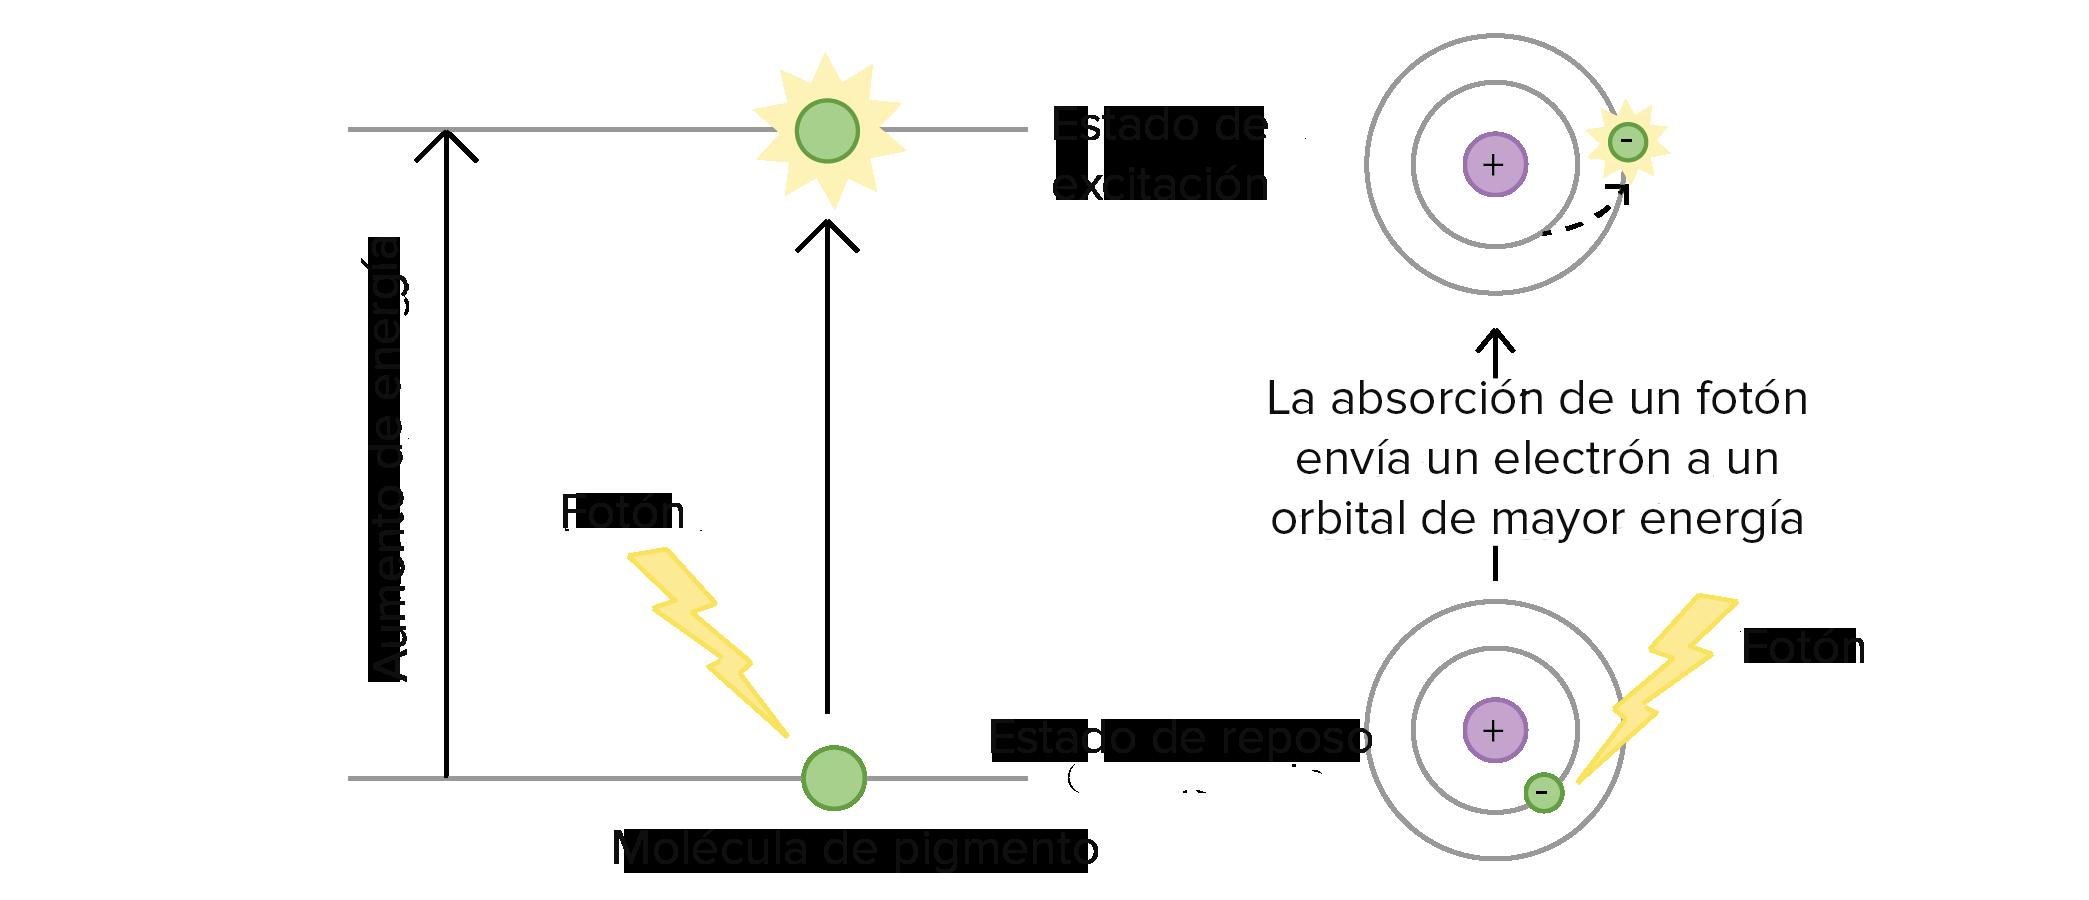 Las reacciones dependientes de la luz (artículo) | Khan Academy